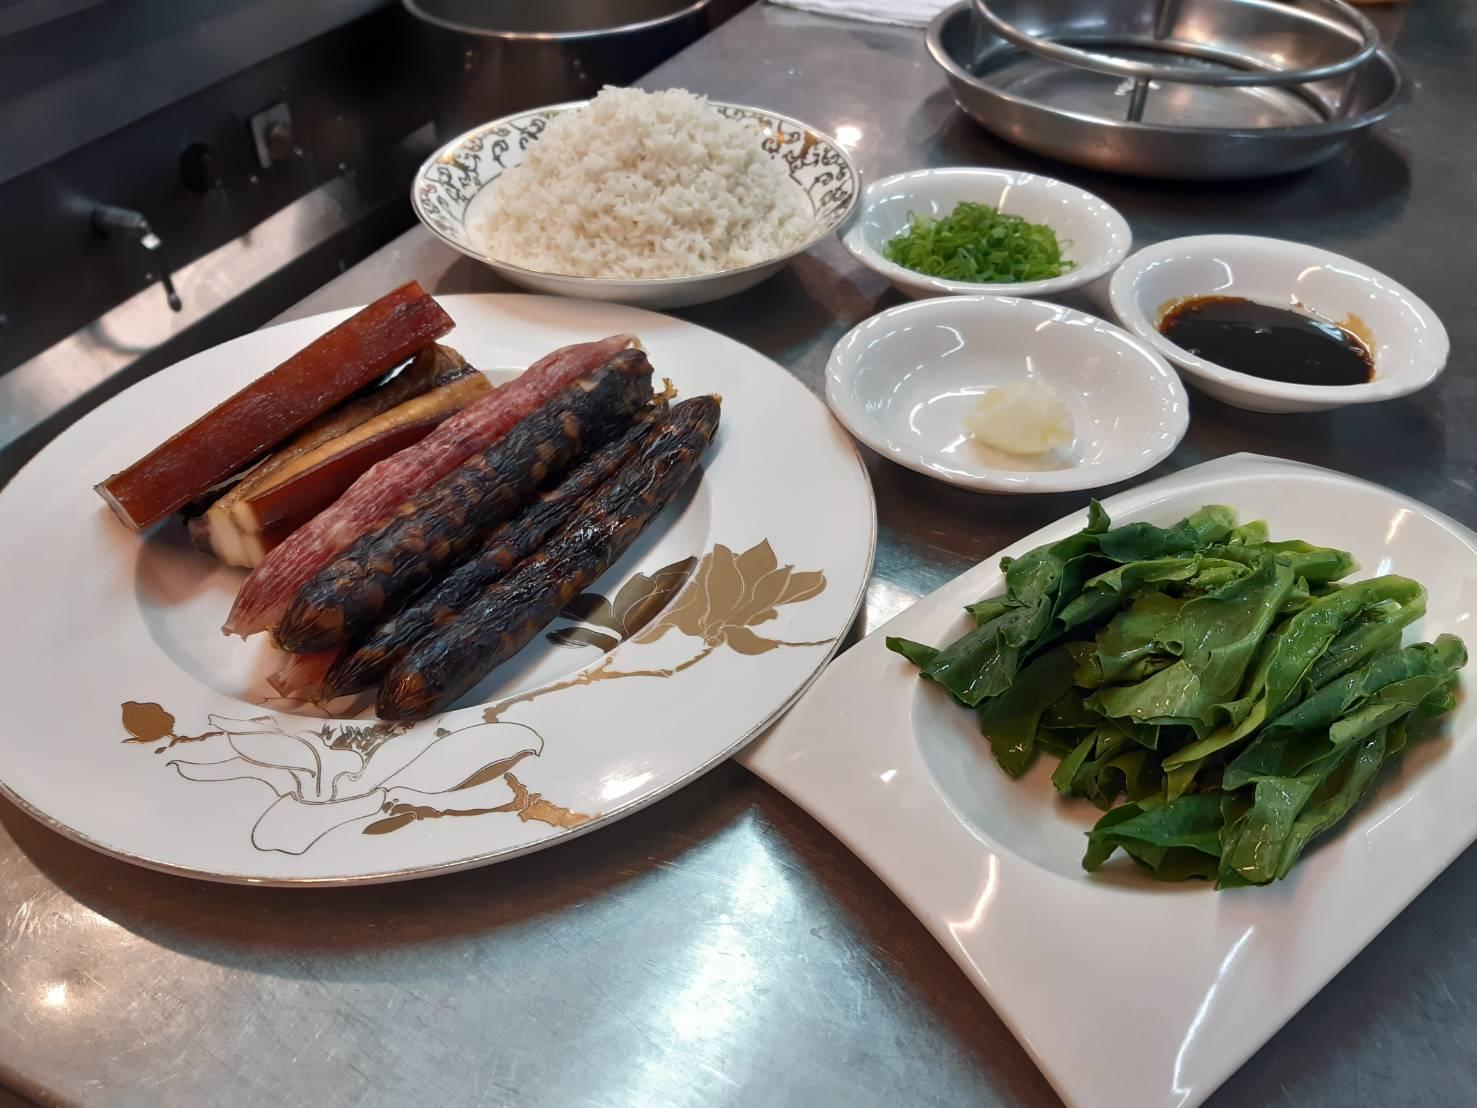 製作臘味煲仔飯的材料。其中臘味是大三元跟合作了幾十年的香港師傅拿的。